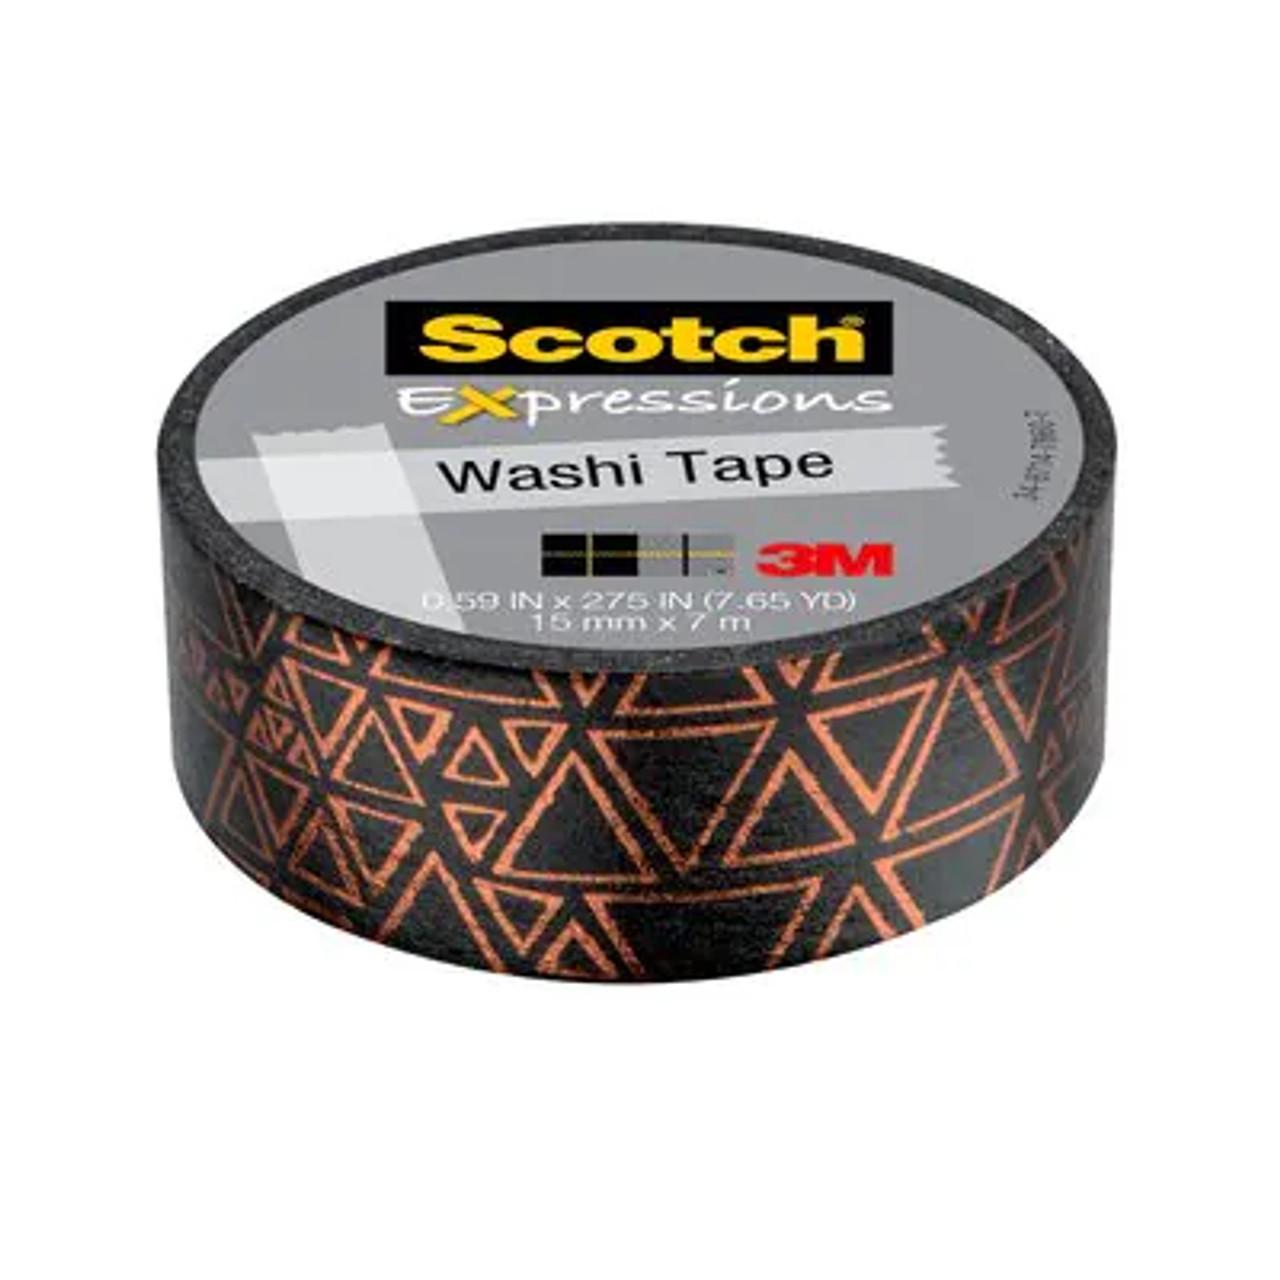 Scotch® Expressions Washi Tape C614-P4, .59 in x 275 in (15 mm x 7 m) Black and Copper Foil Triangles